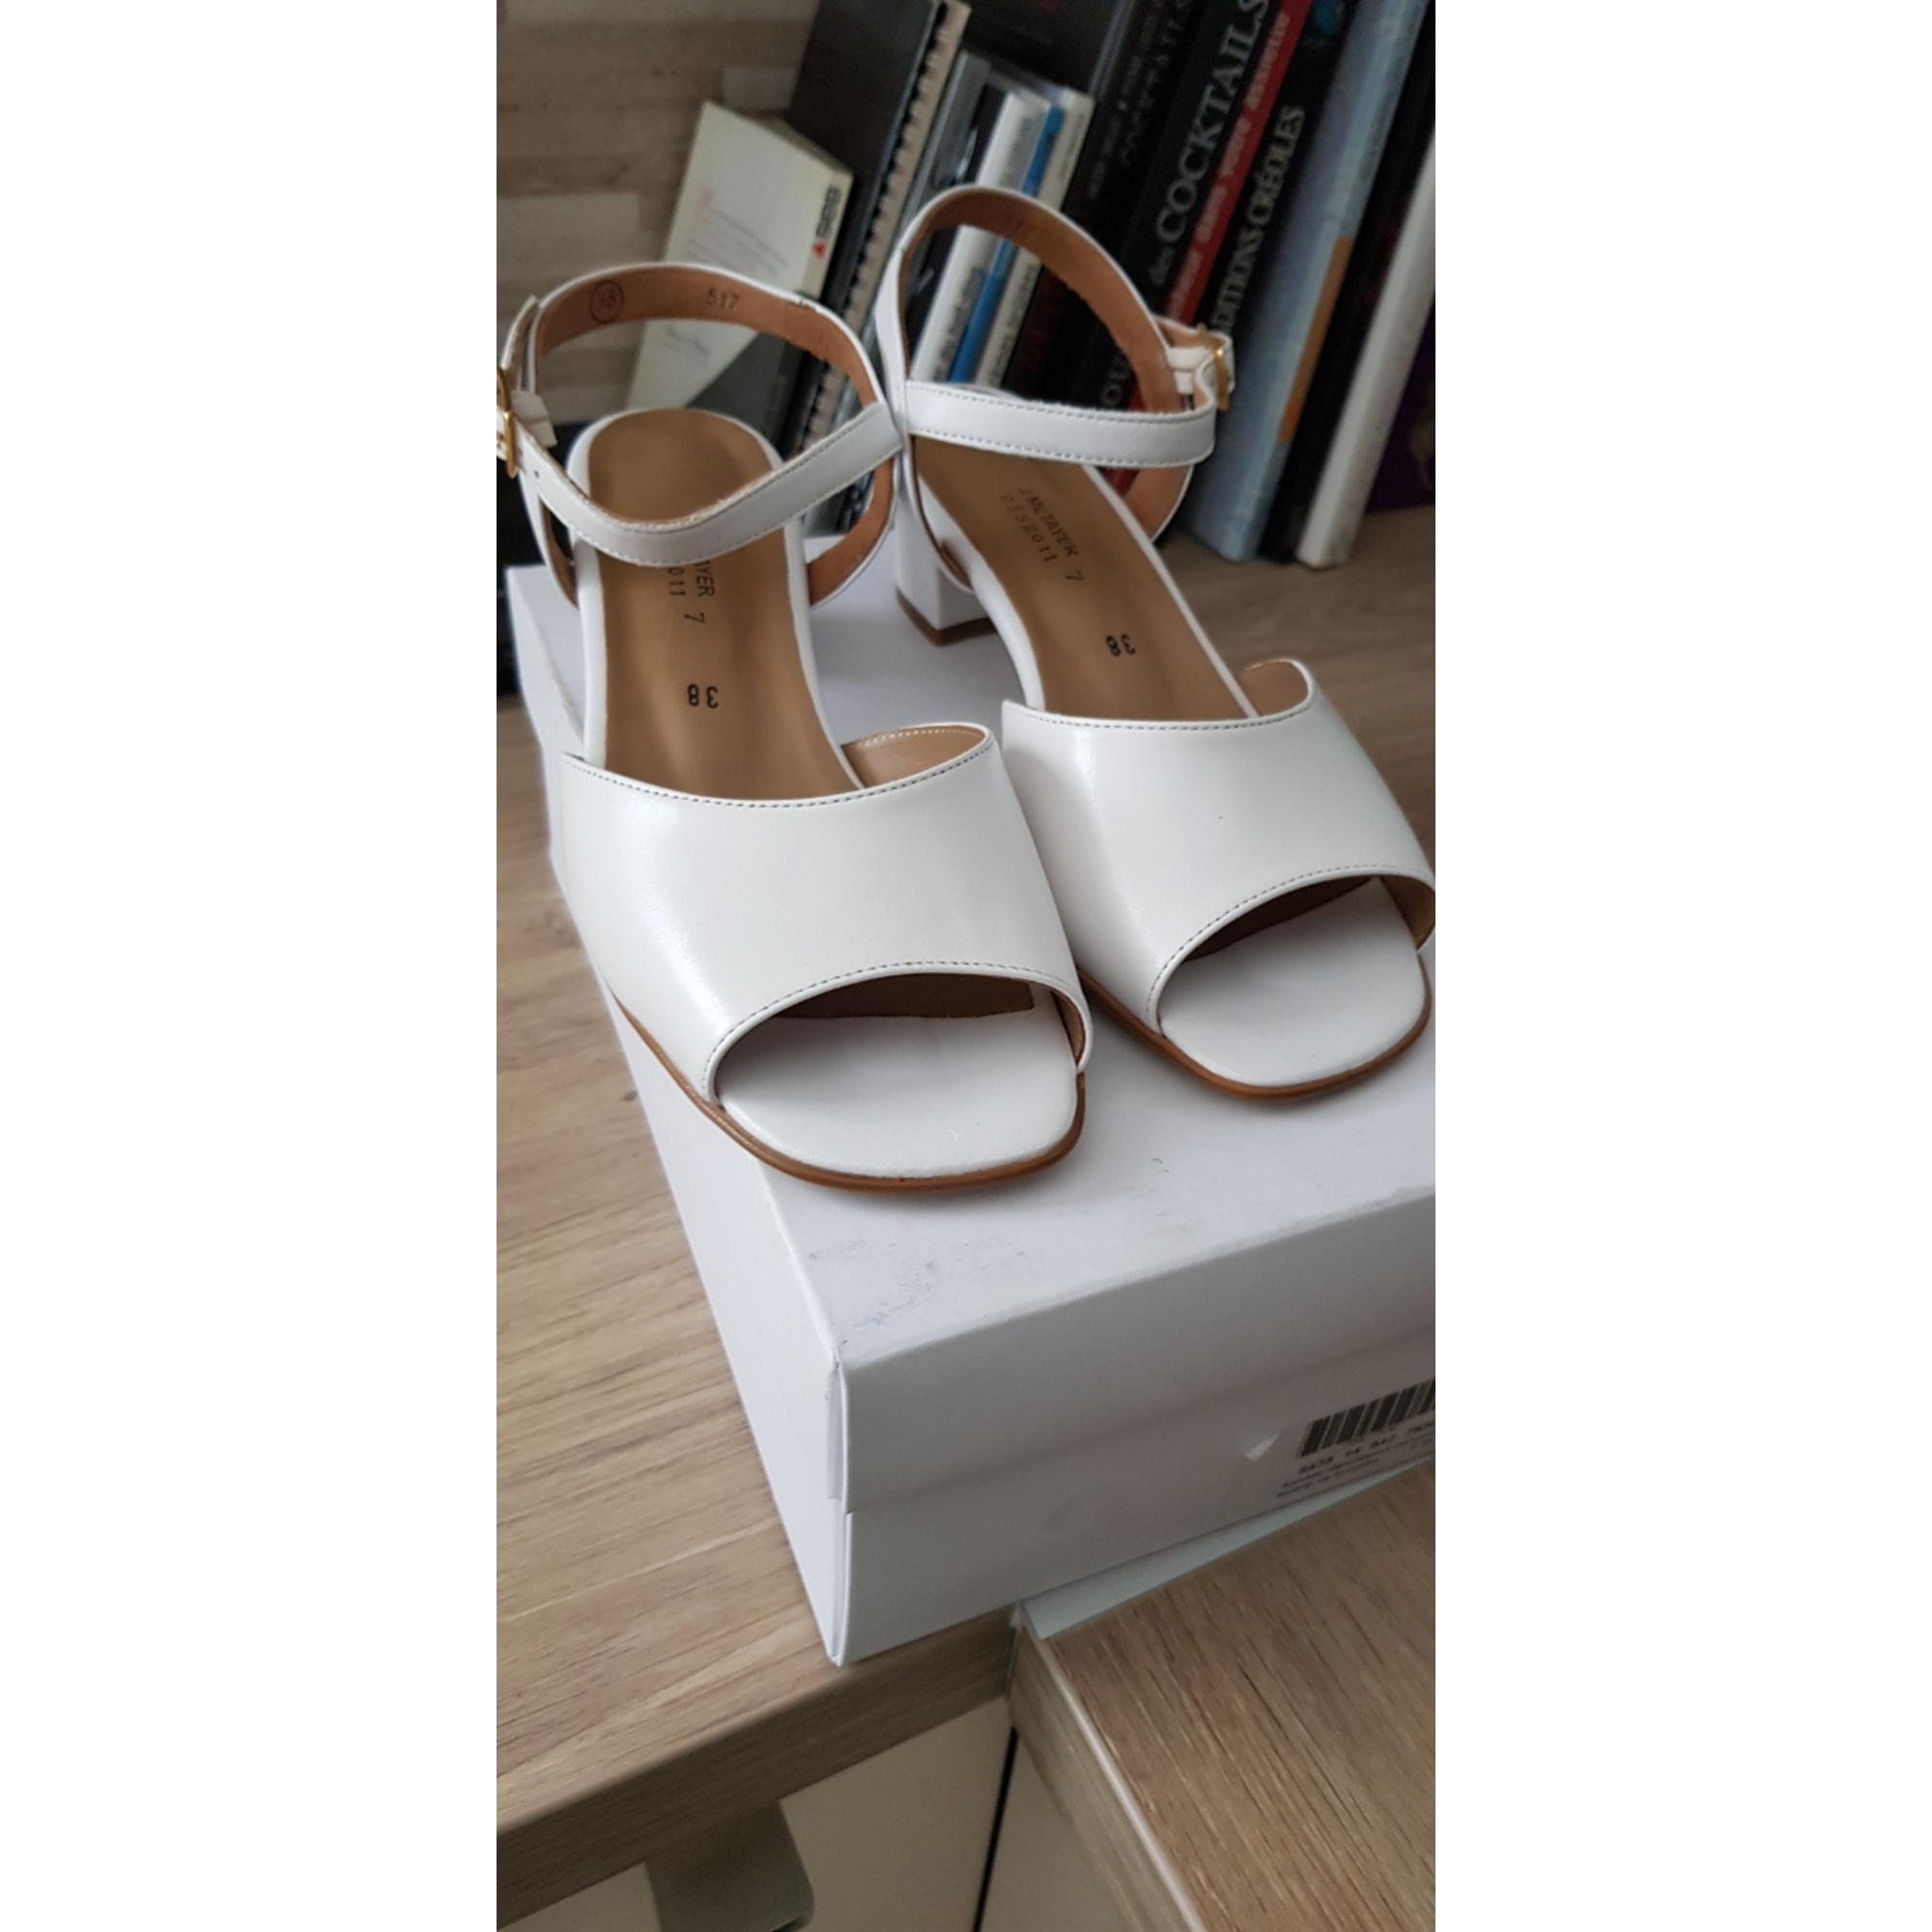 Sandales à talons MARQUE INCONNUE Blanc, blanc cassé, écru